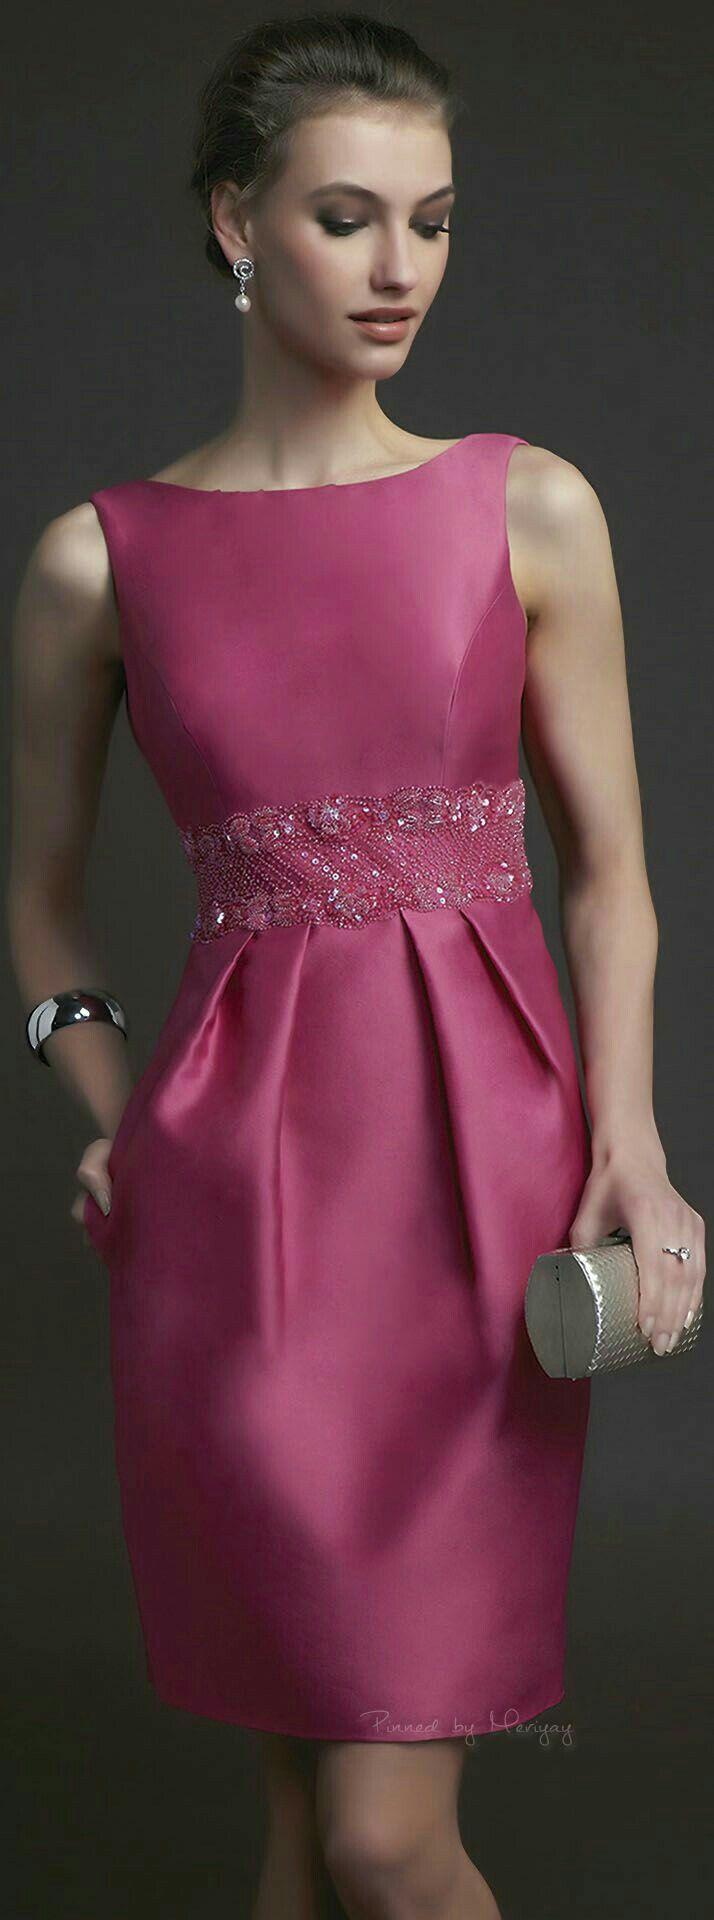 16 best Vestidos de cocktail images on Pinterest | Evening gowns ...